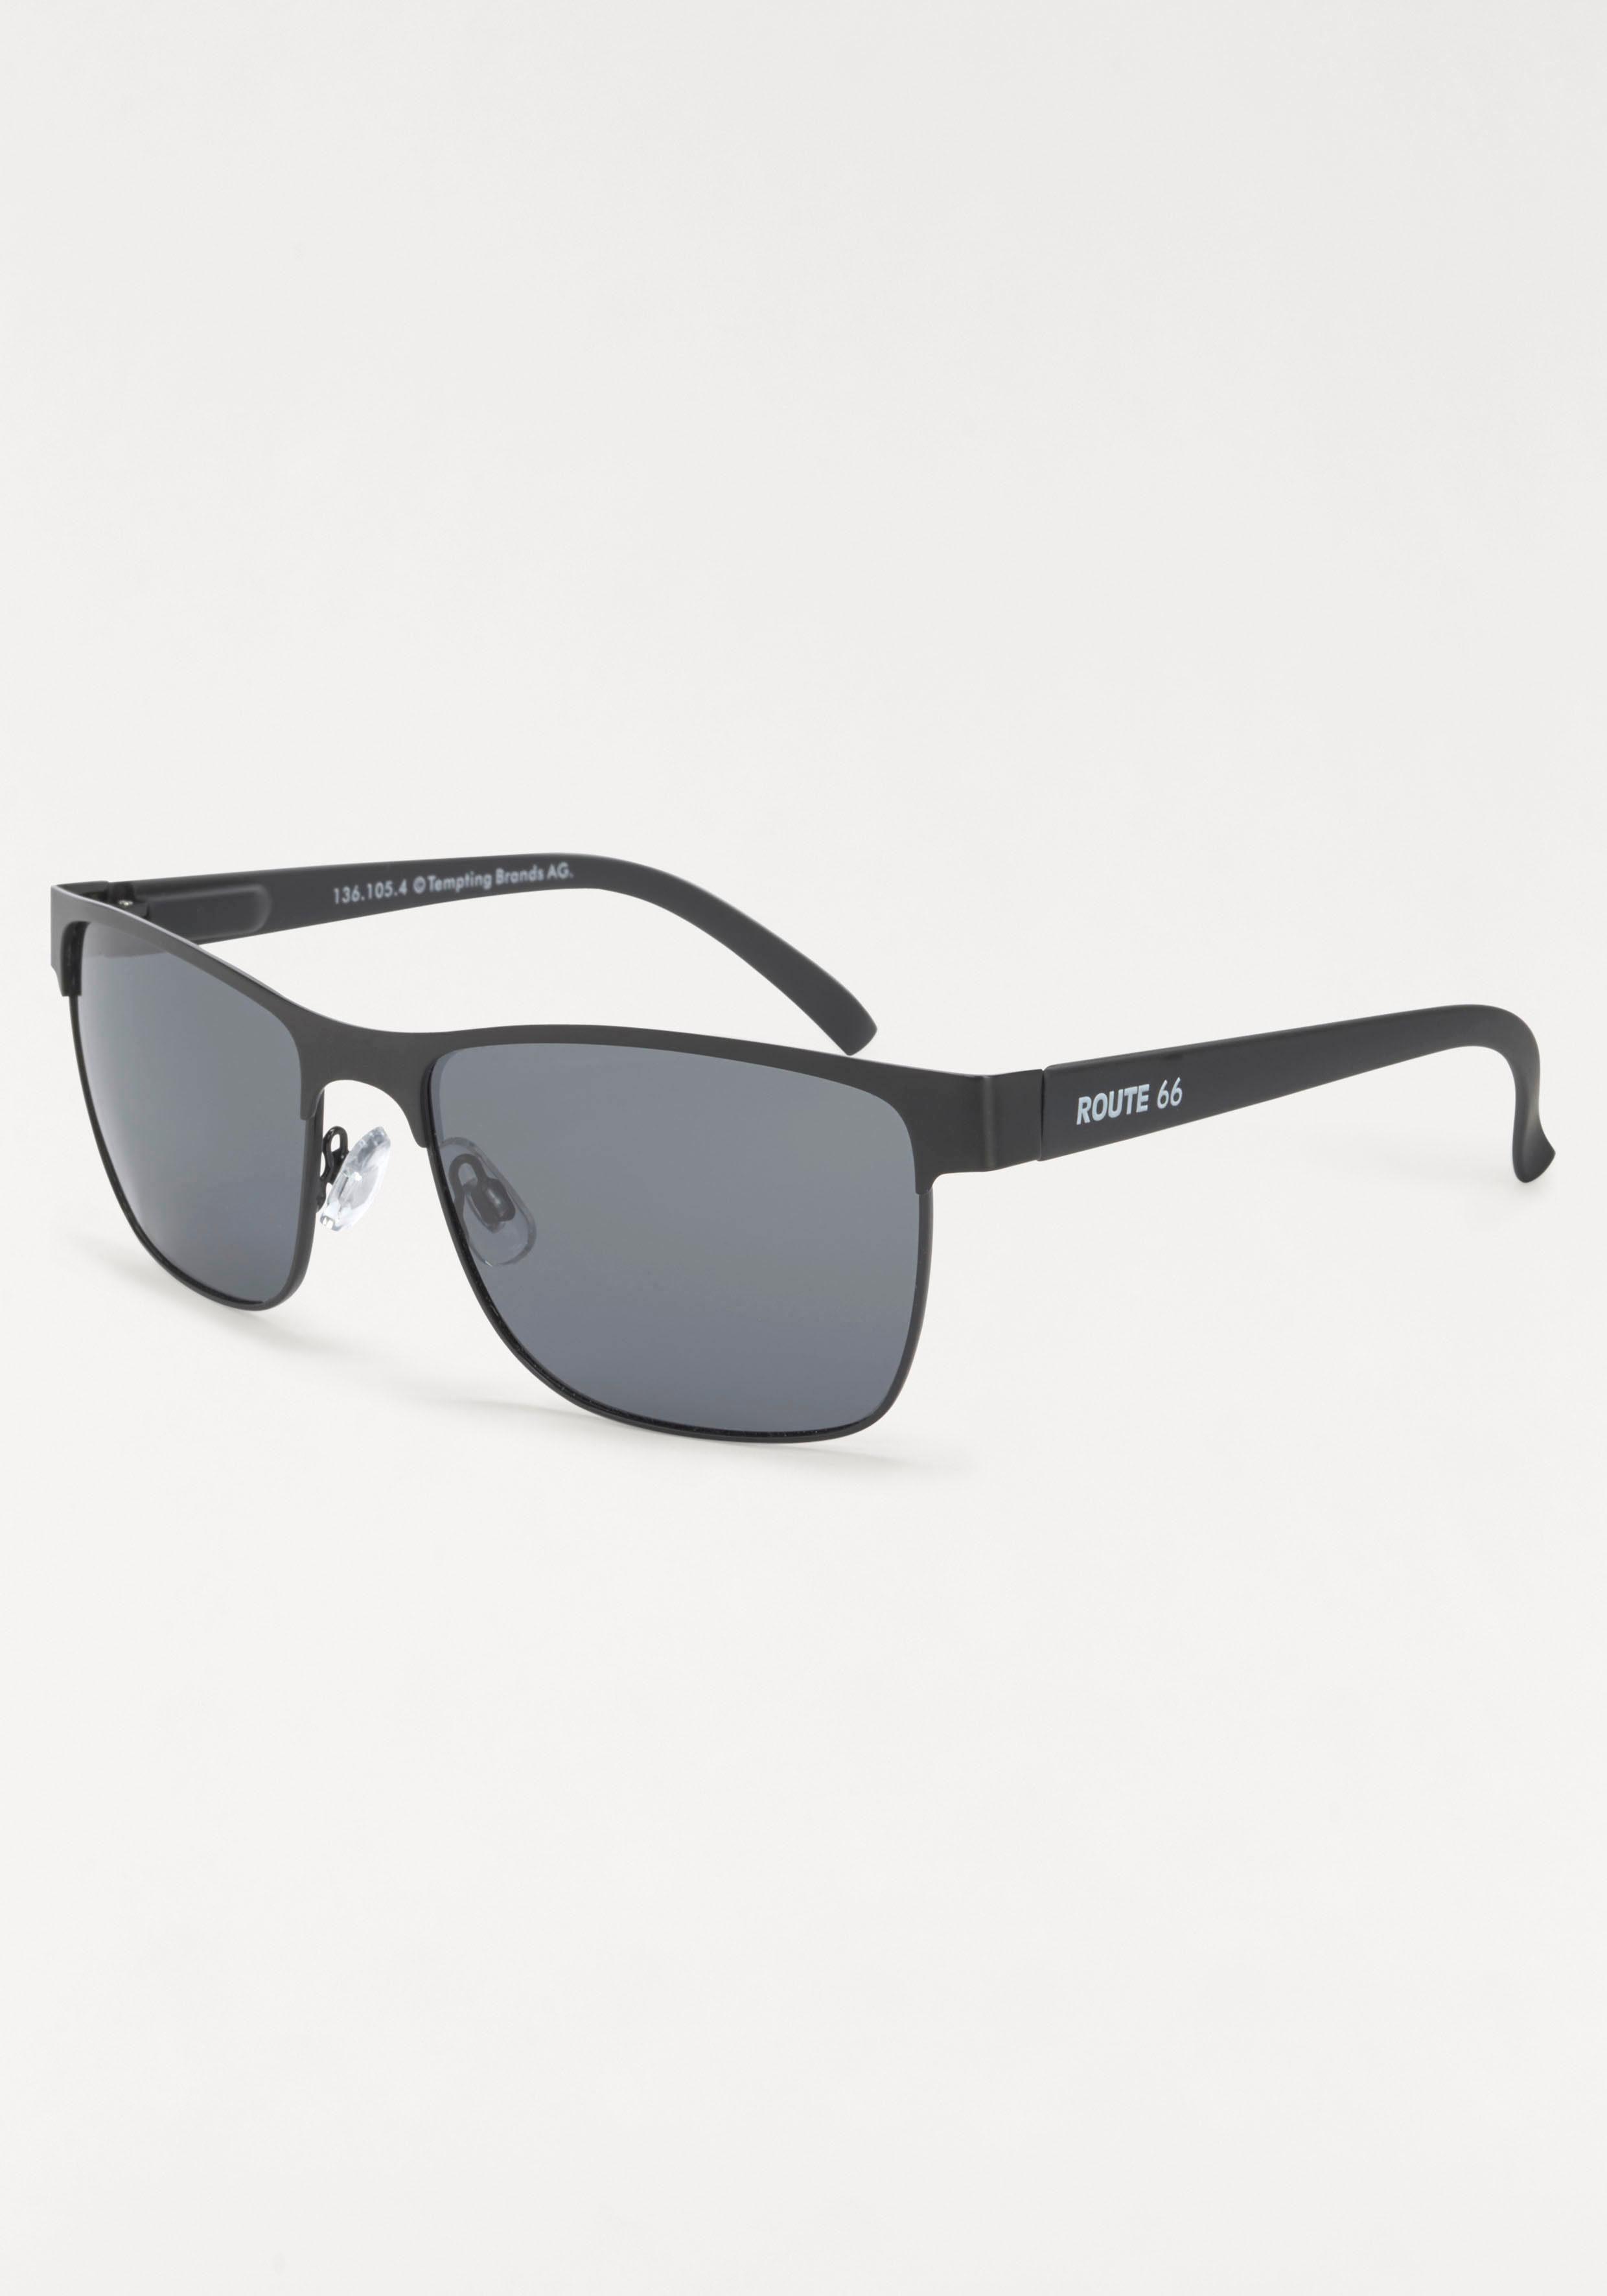 ROUTE 66 Feel the Freedom Eyewear Sonnenbrille im zeitlosen Look, Clubmaster Form